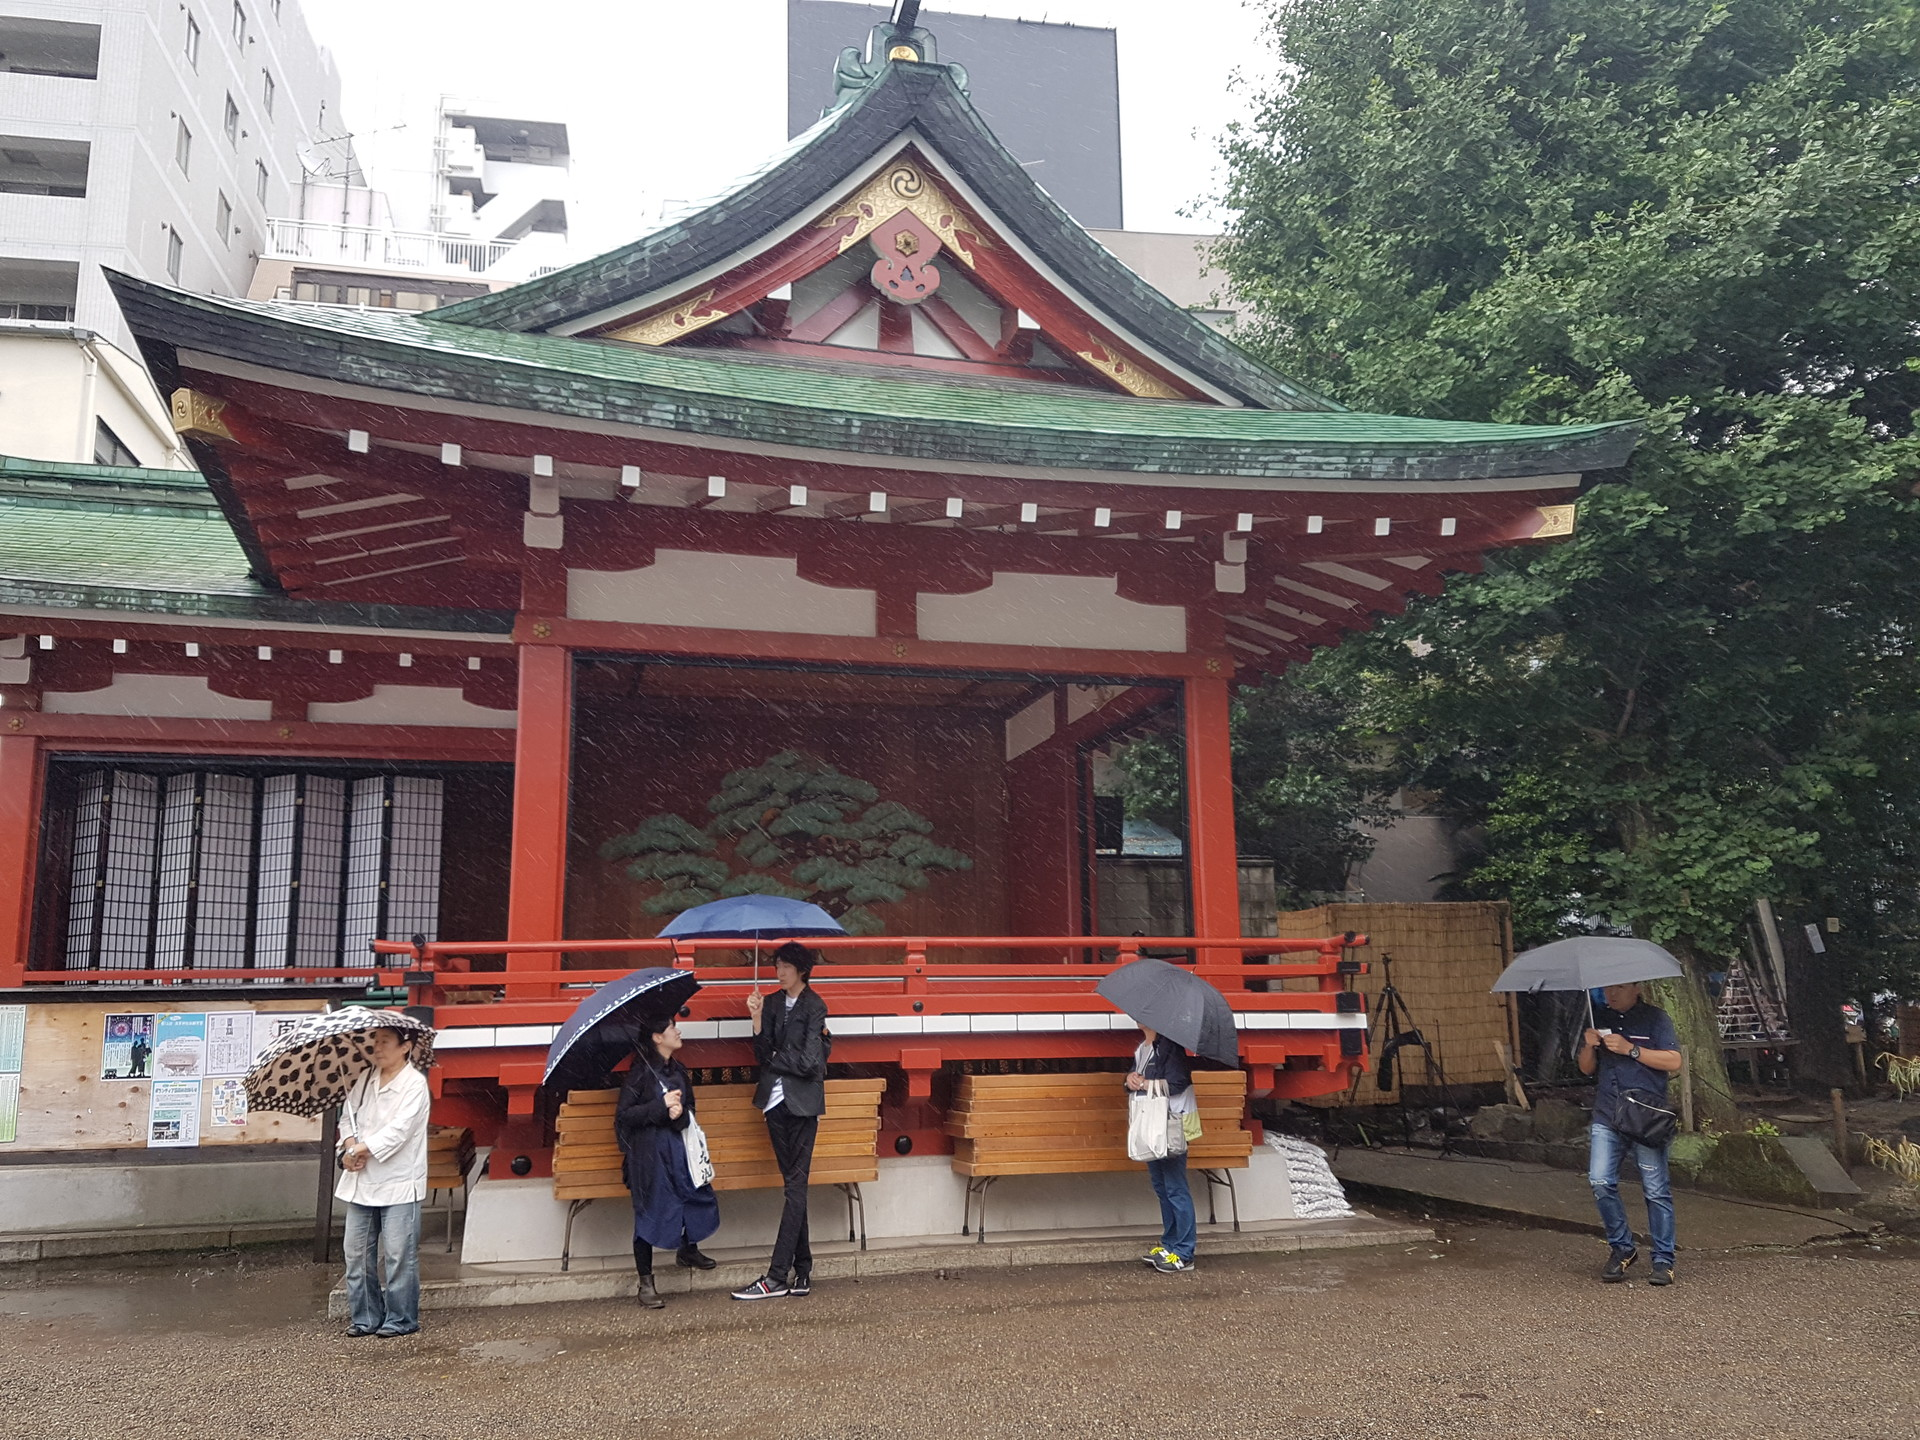 sensoji-temple-detours-d65a52a9b2c778f01